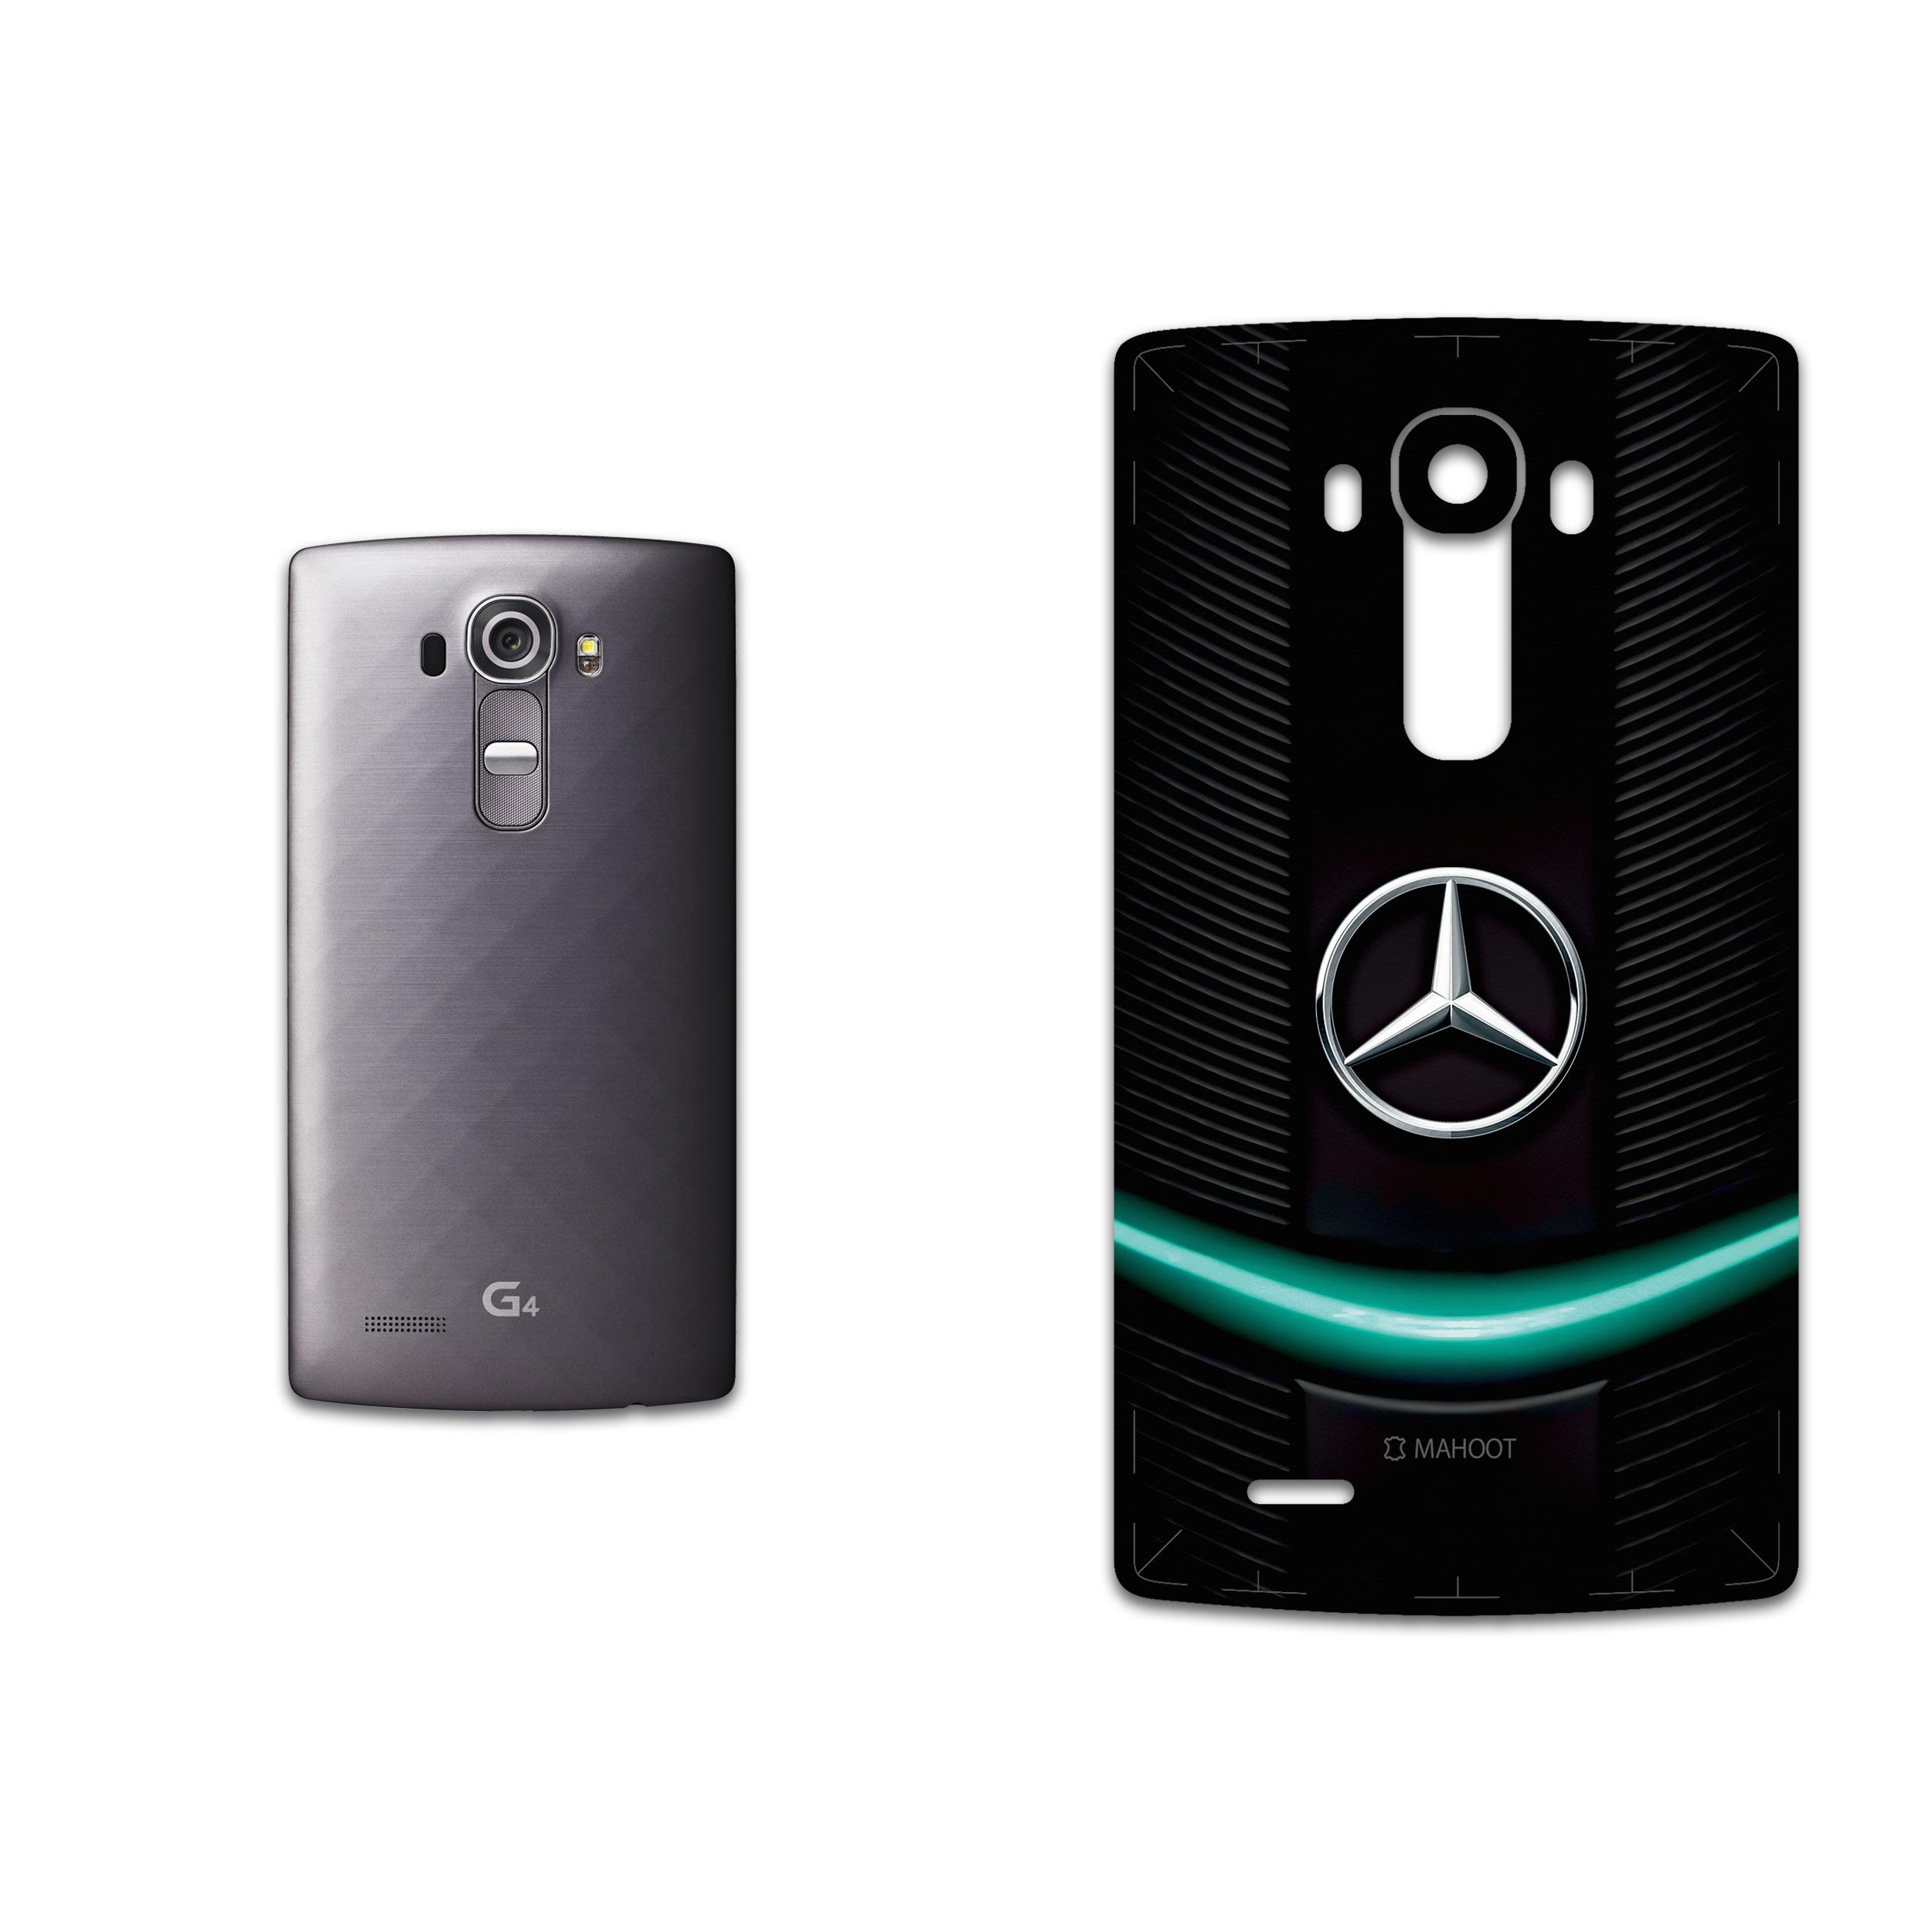 برچسب پوششی ماهوت مدل Mercedes-Benz مناسب برای گوشی موبایل ال جی G4 thumb 2 1